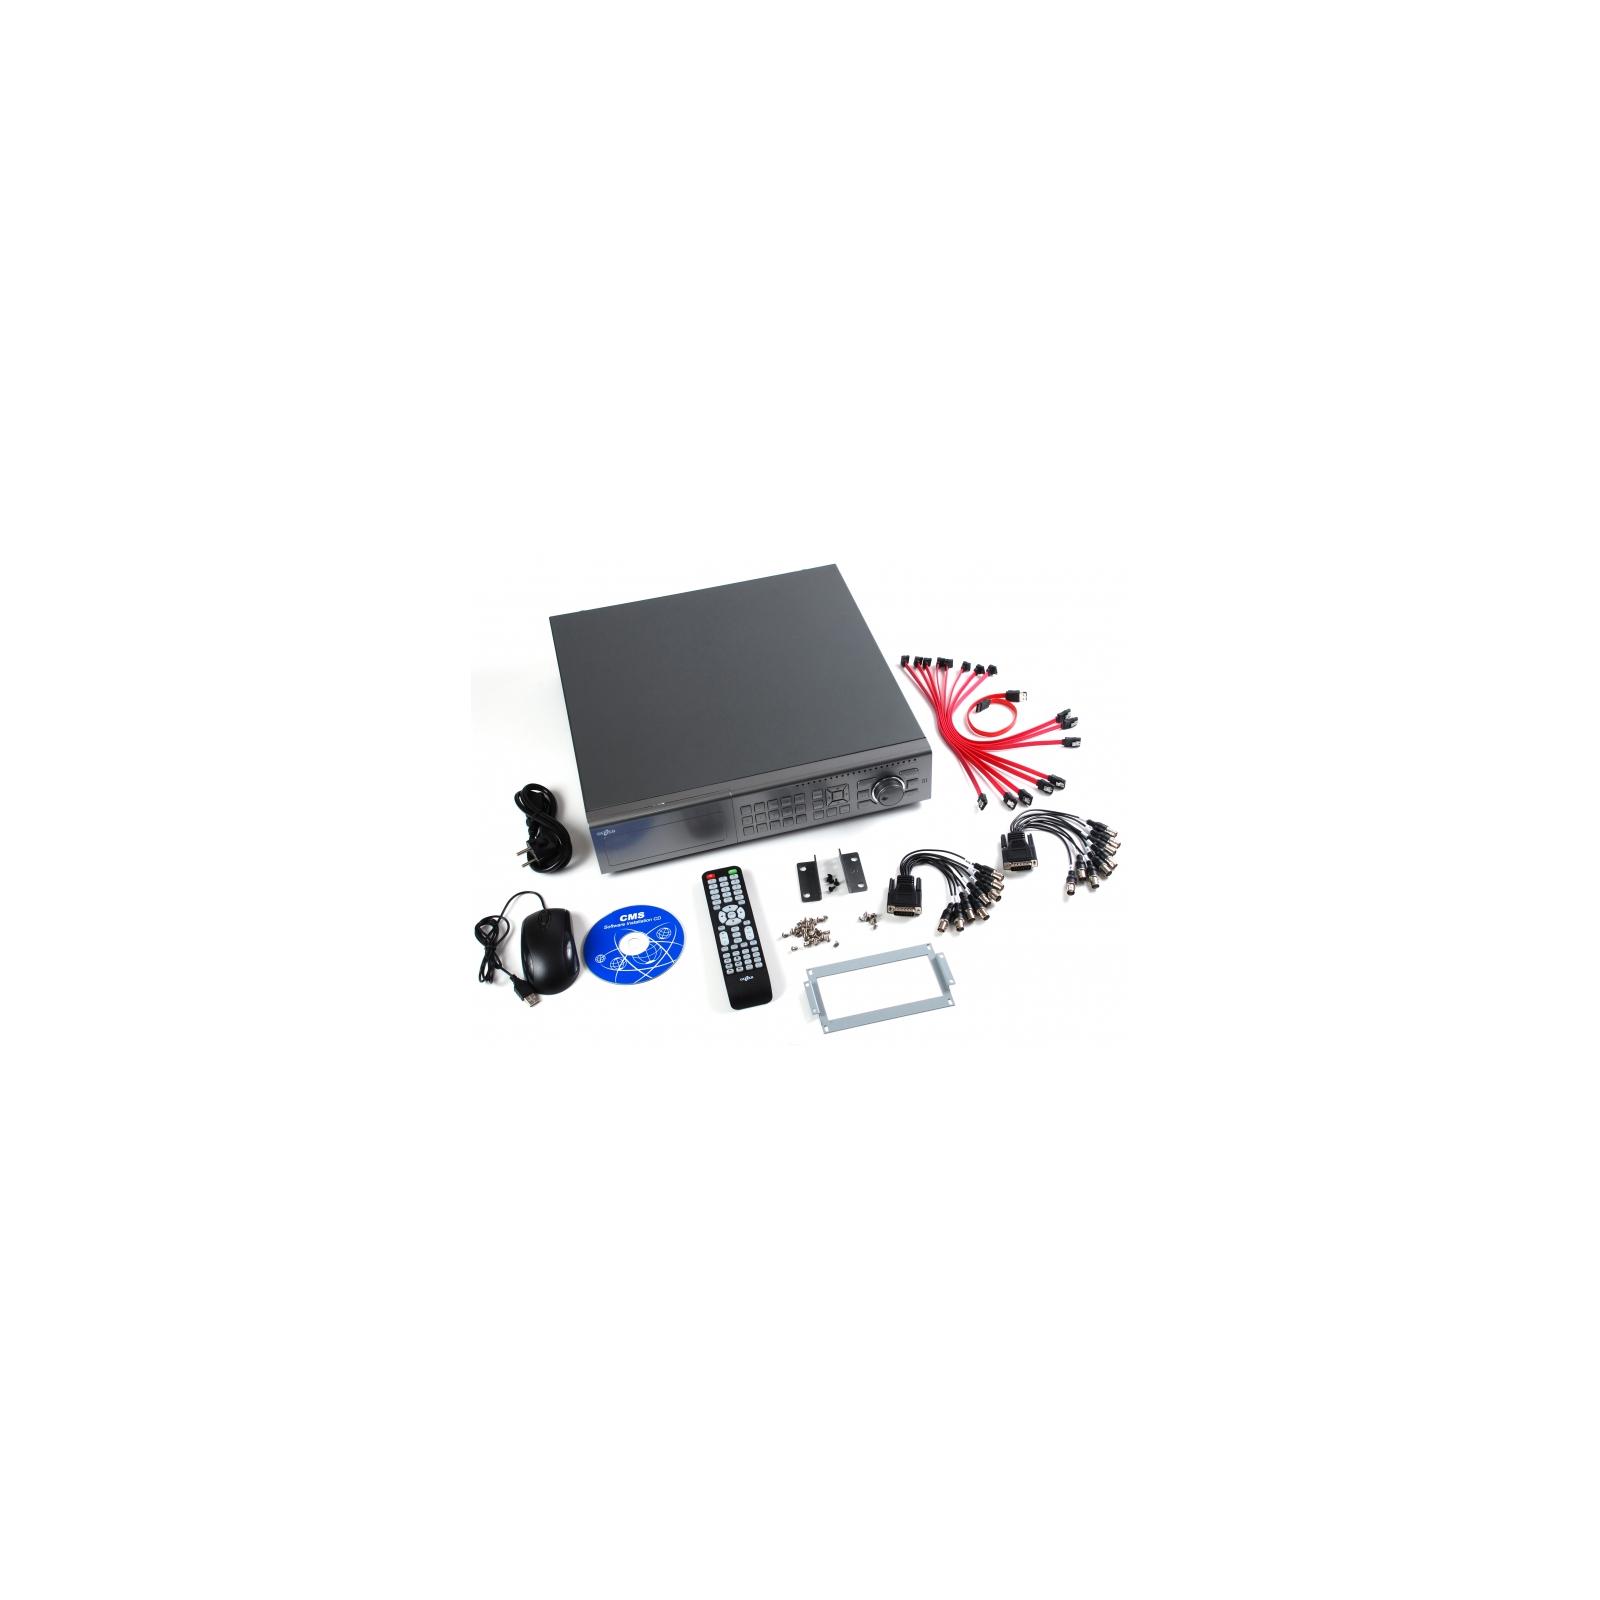 Регистратор для видеонаблюдения Gazer NS2232r изображение 10